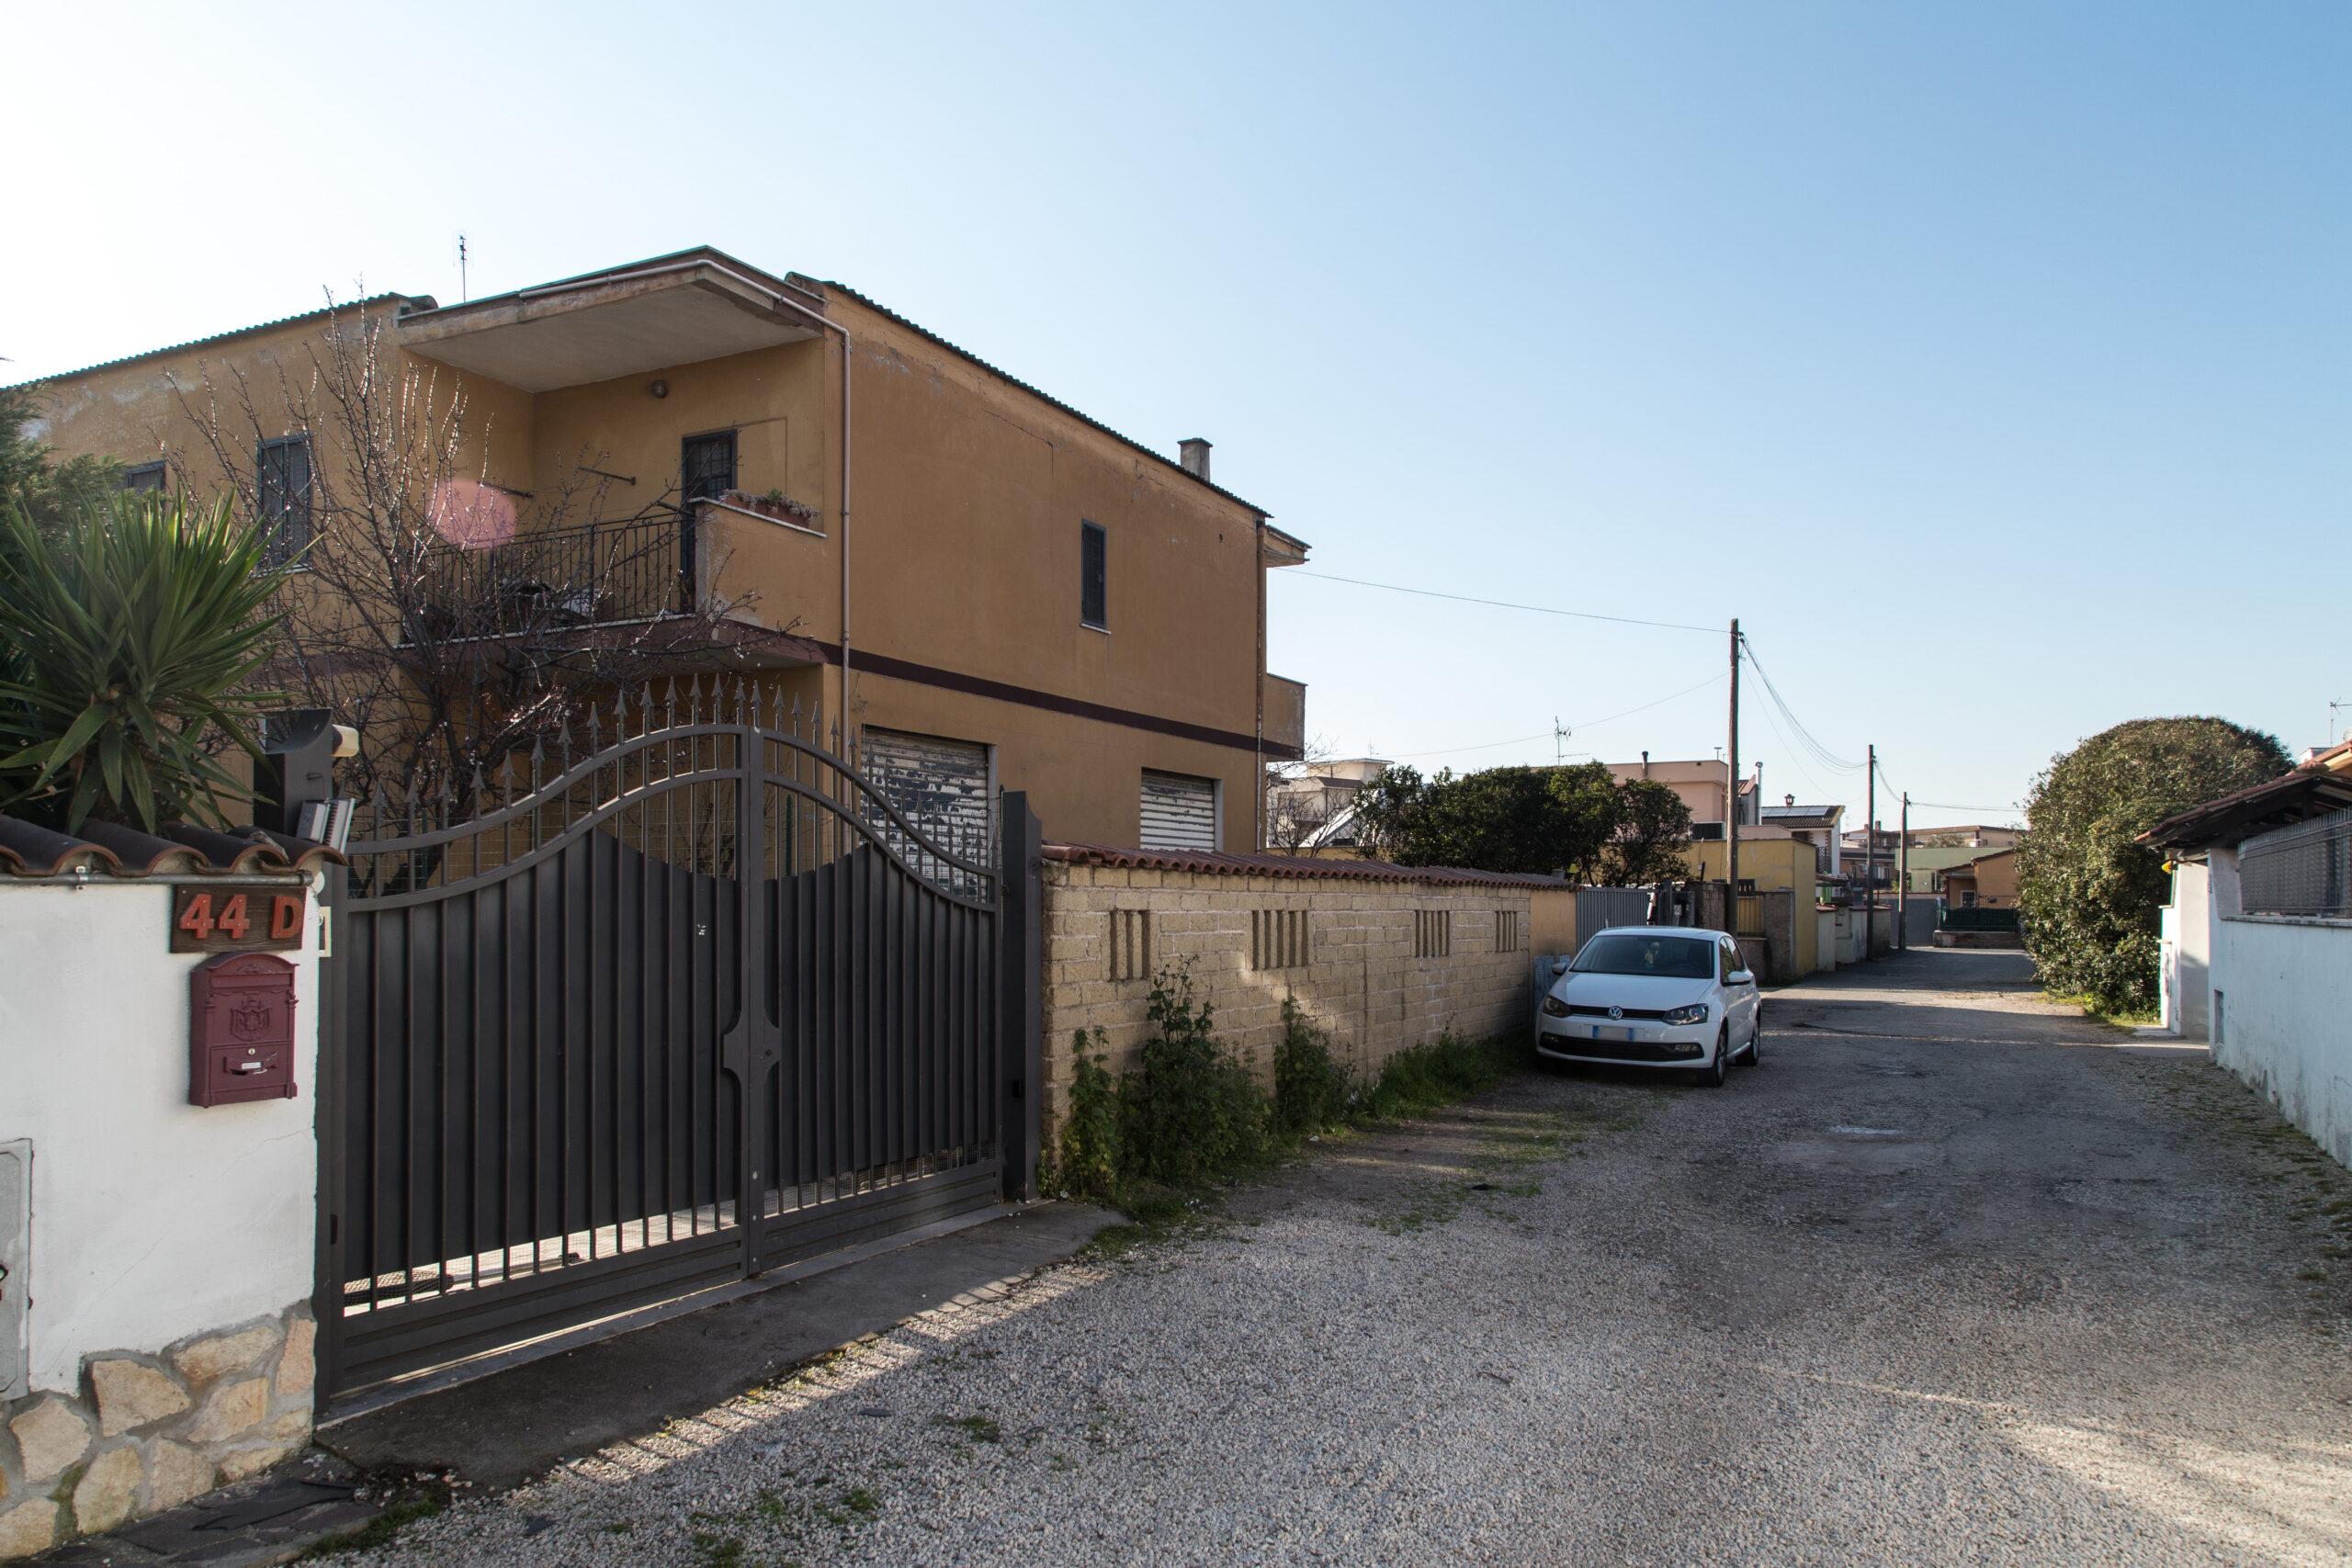 Ostia Antica, unica occasione, palazzina cielo terra con 3 unità immobiliari in vendita